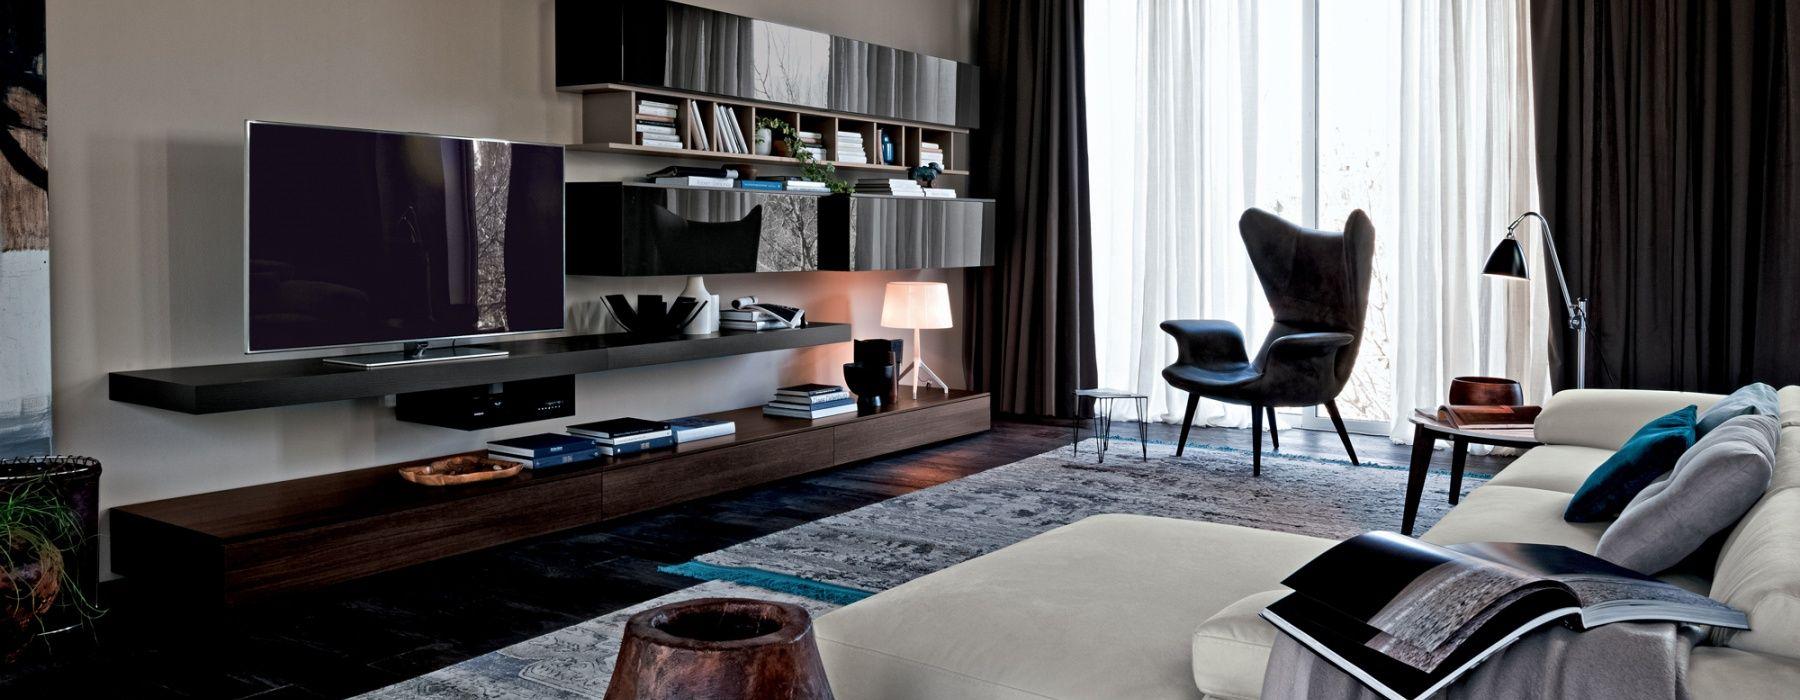 Arredamento: cucine, soggiorni, divani, camere ...